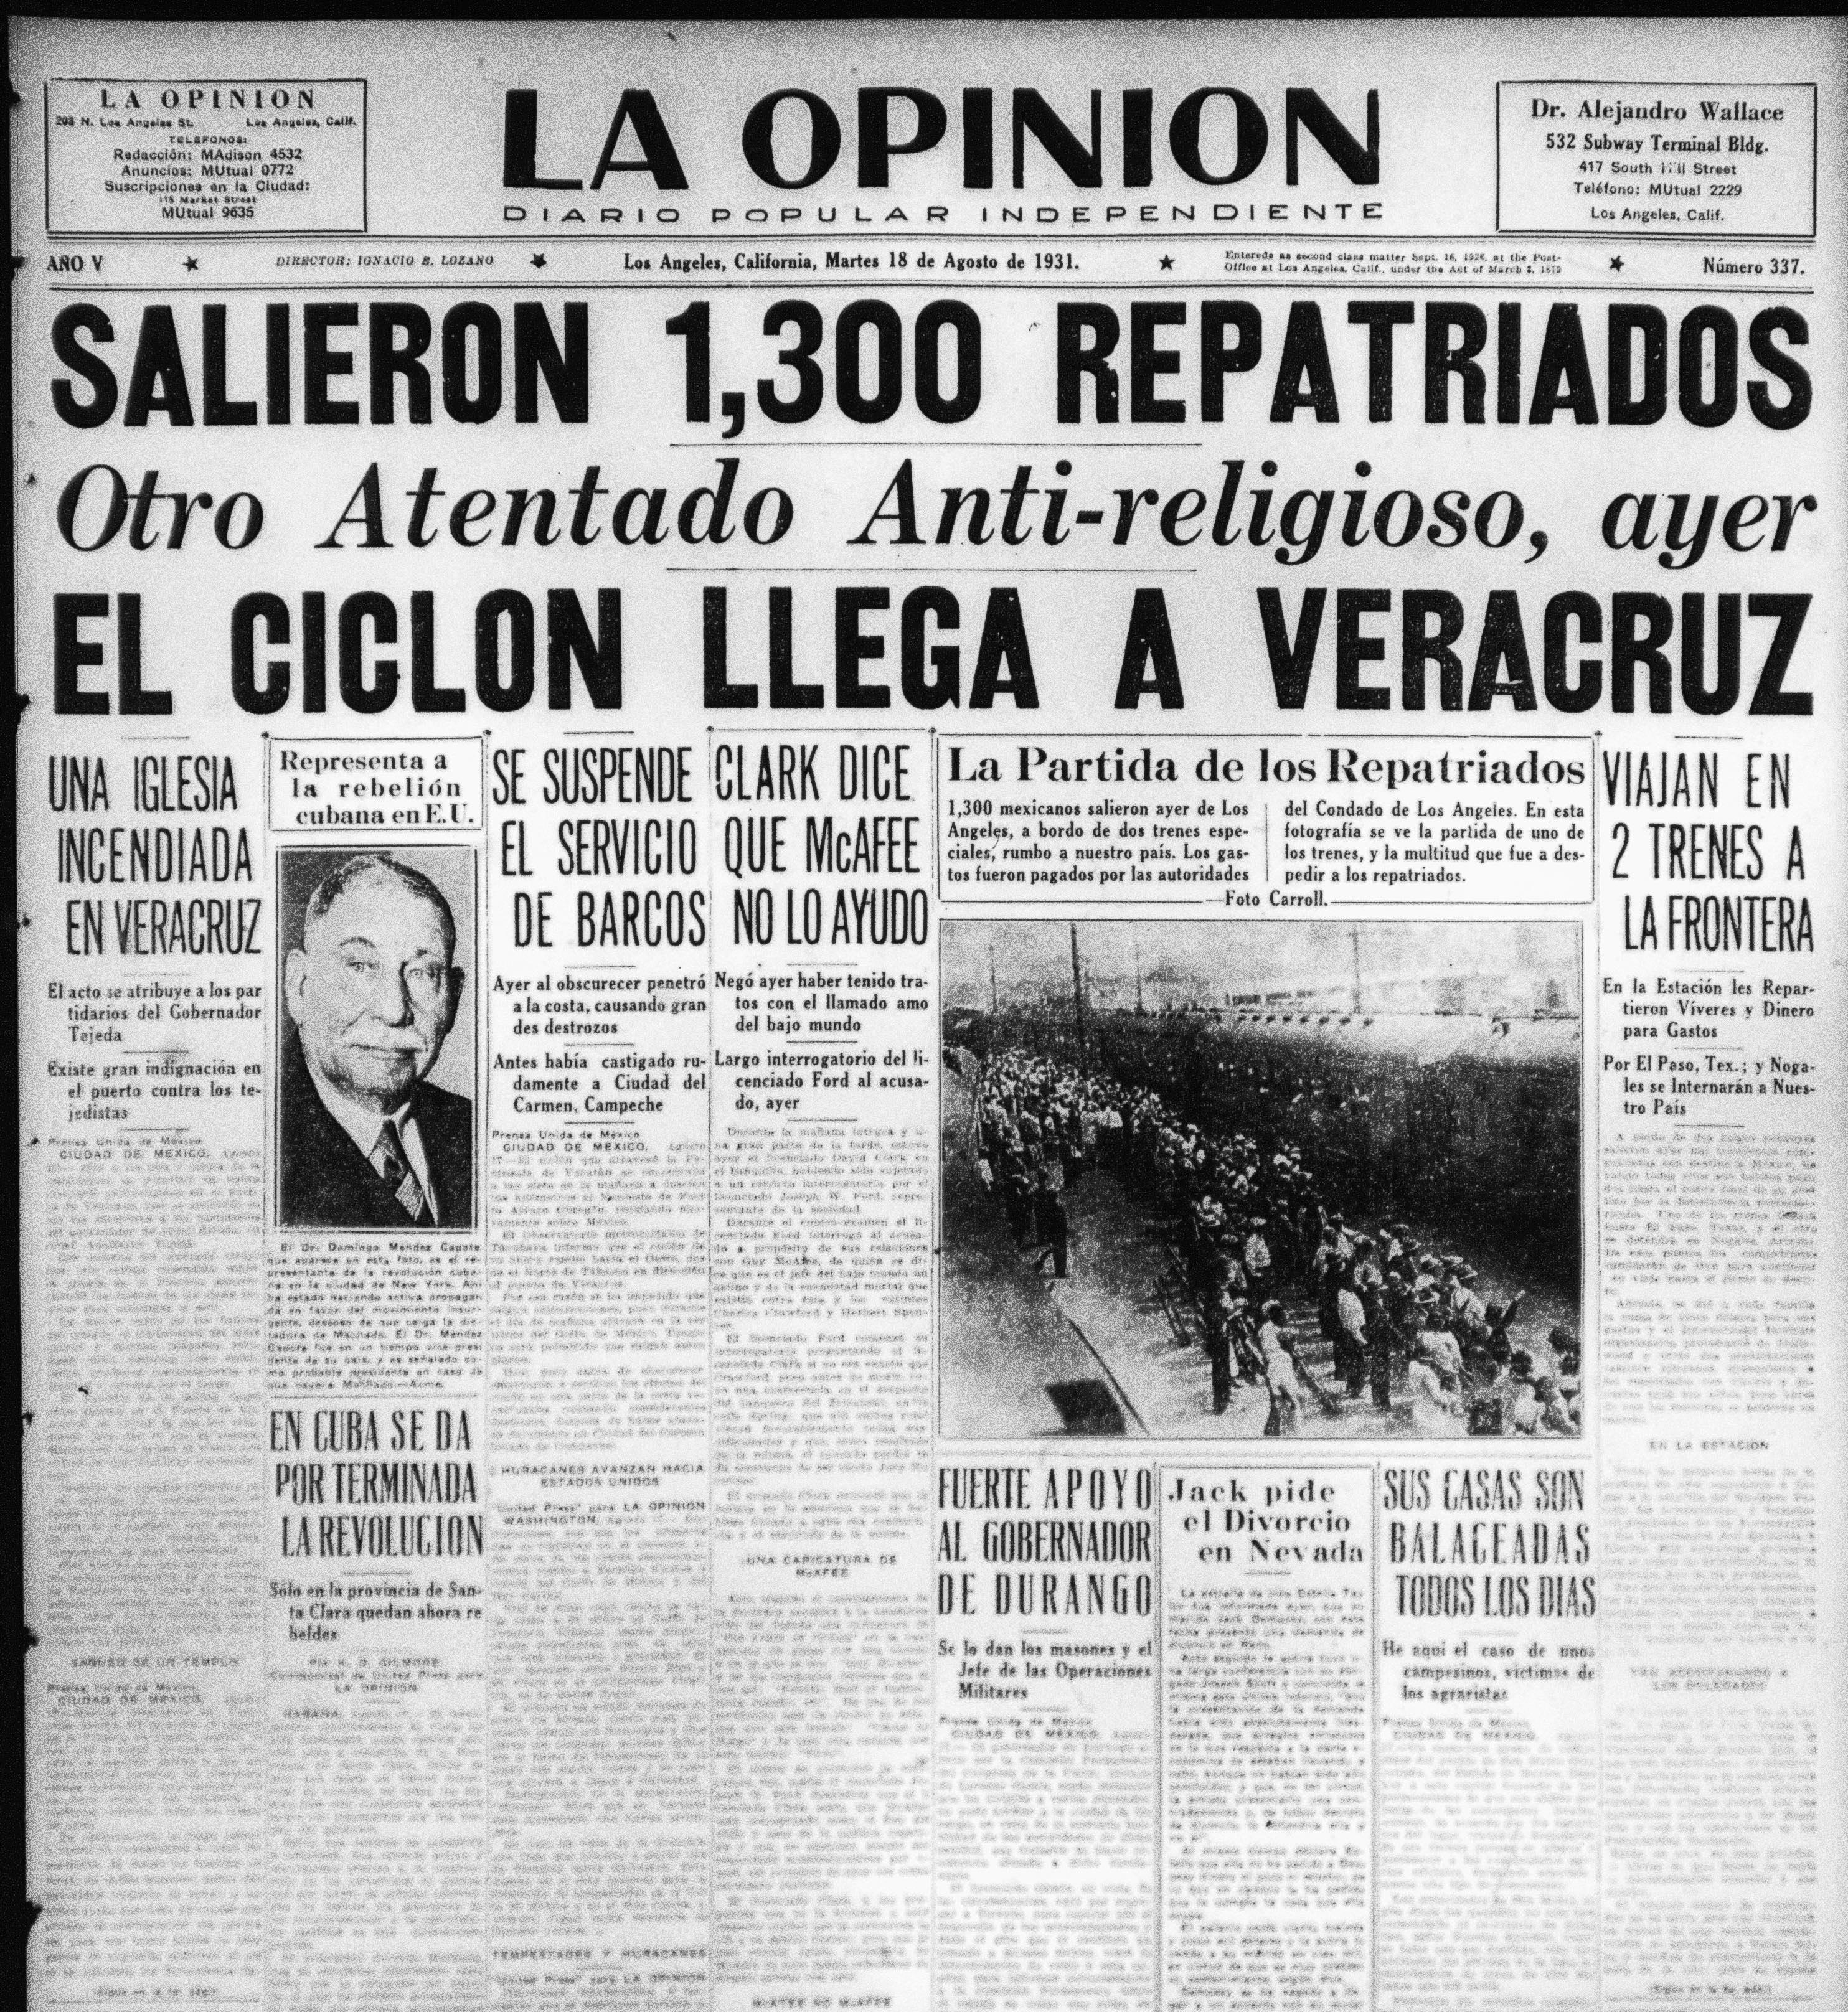 La Opinion Slieron 1,300 Repatriados